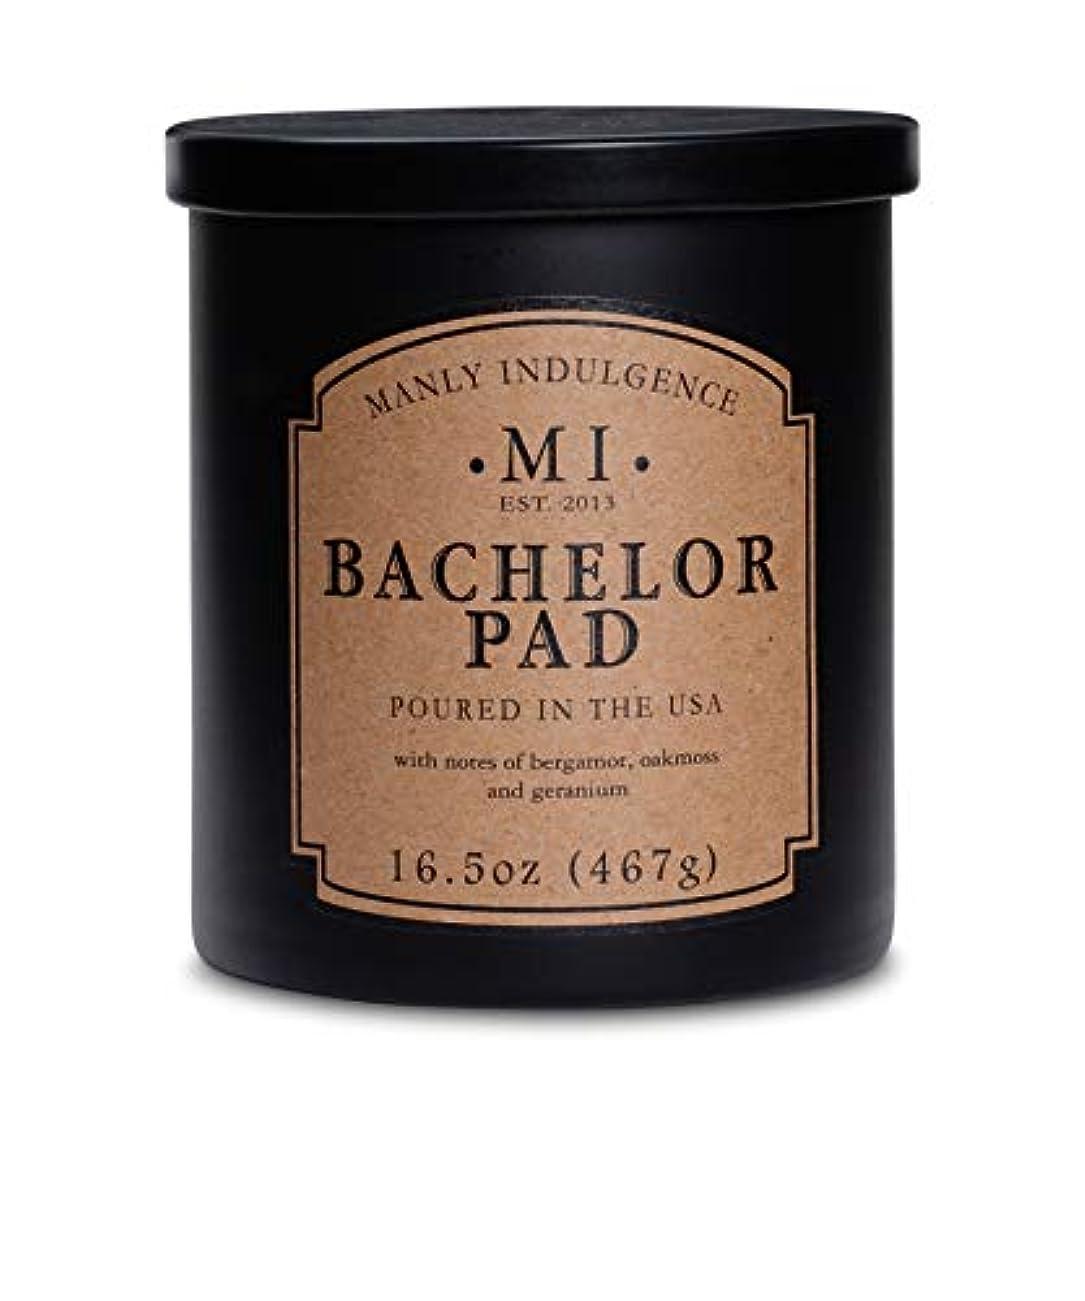 スポークスマンに対して特異なManly Indulgence ミッドナイト香り付きキャンドル 芯1個 16.5オンス 16.5 oz ブラック unknown